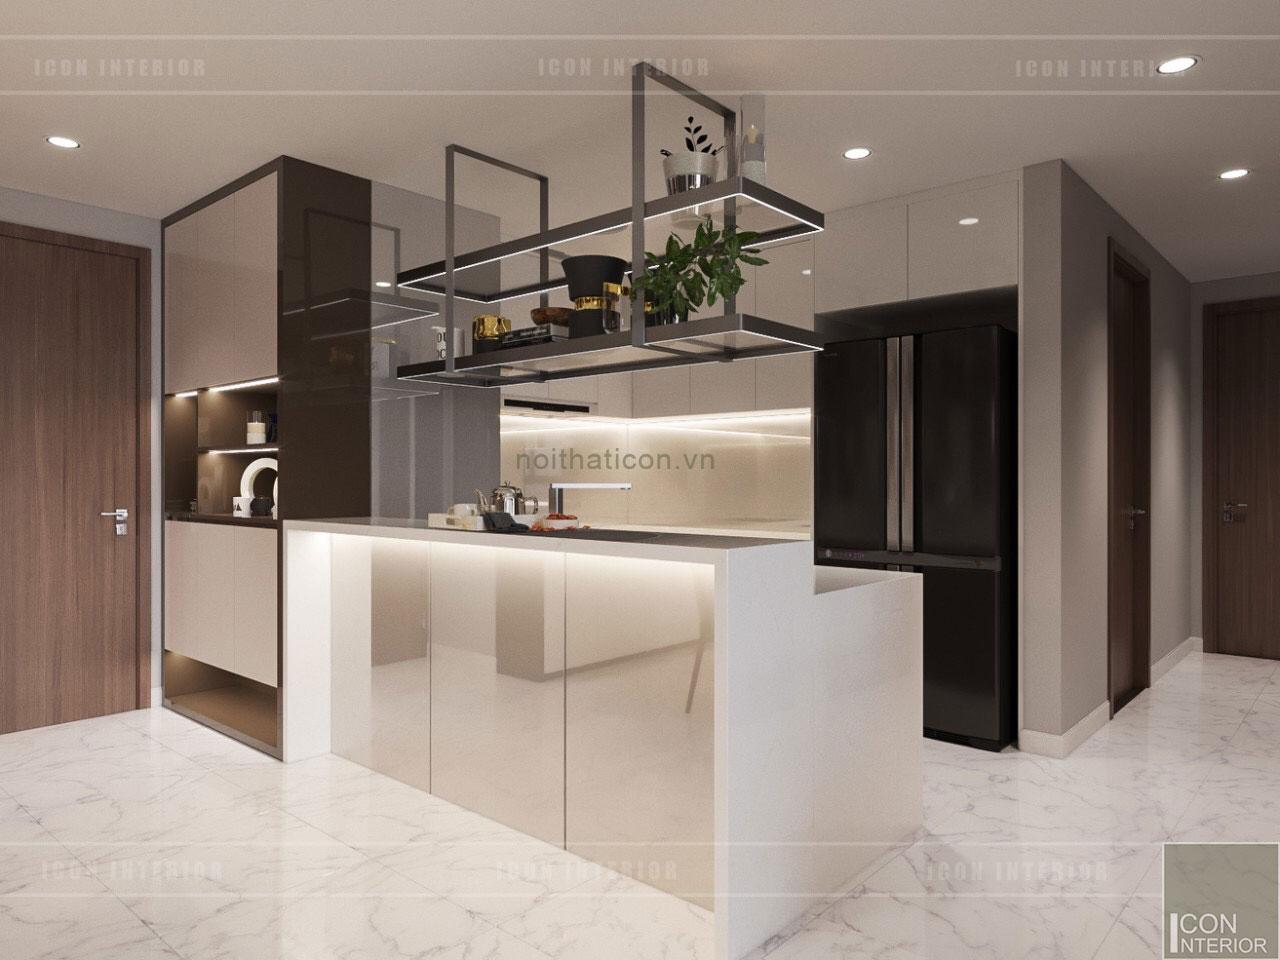 thiết kế nội thất nhà chung cư đẹp - nhà bếp